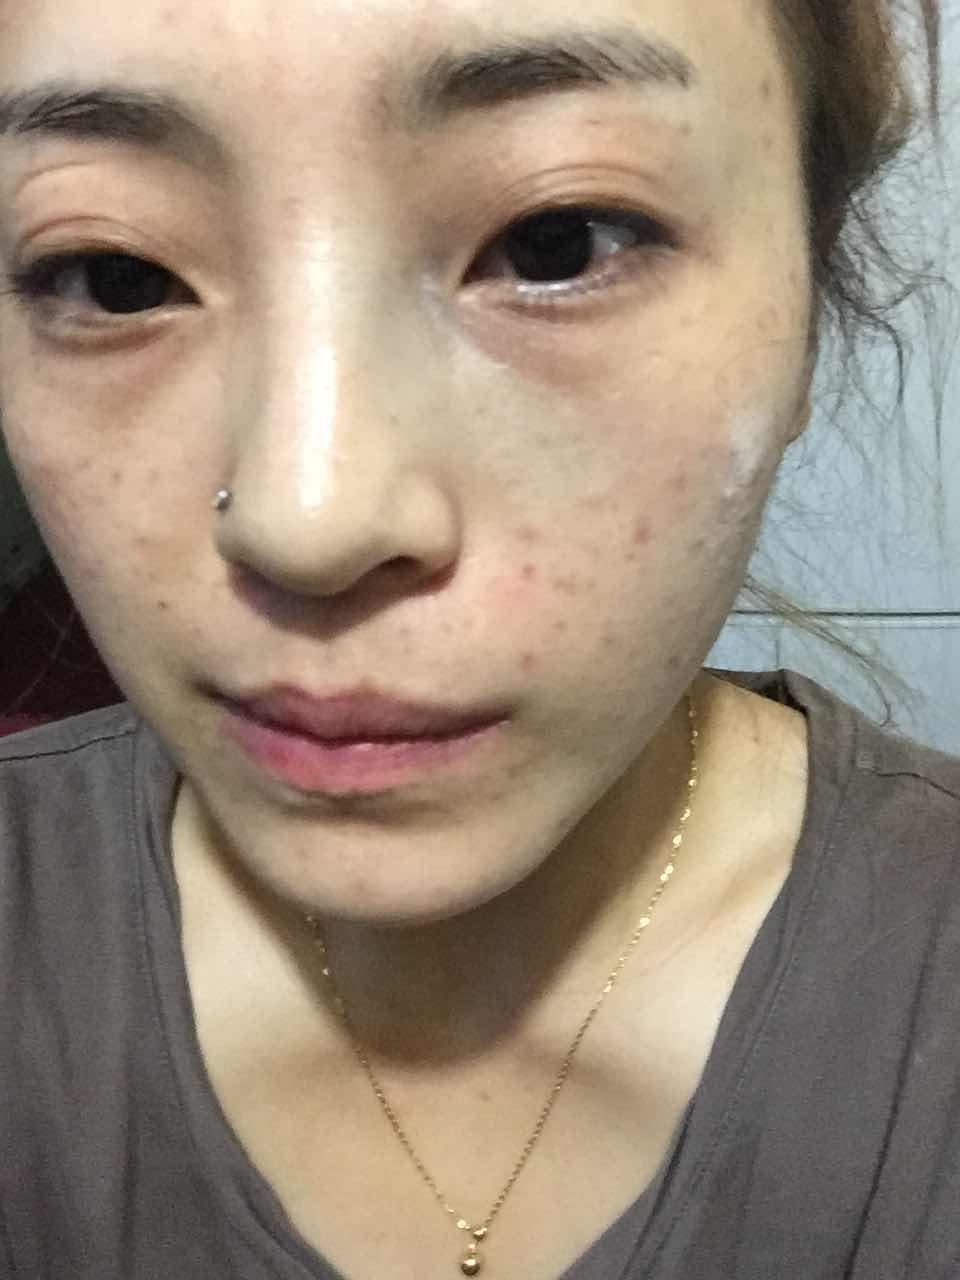 太田痣怎么去除,我脸上有个太田志有没有什么办法可以一次去除